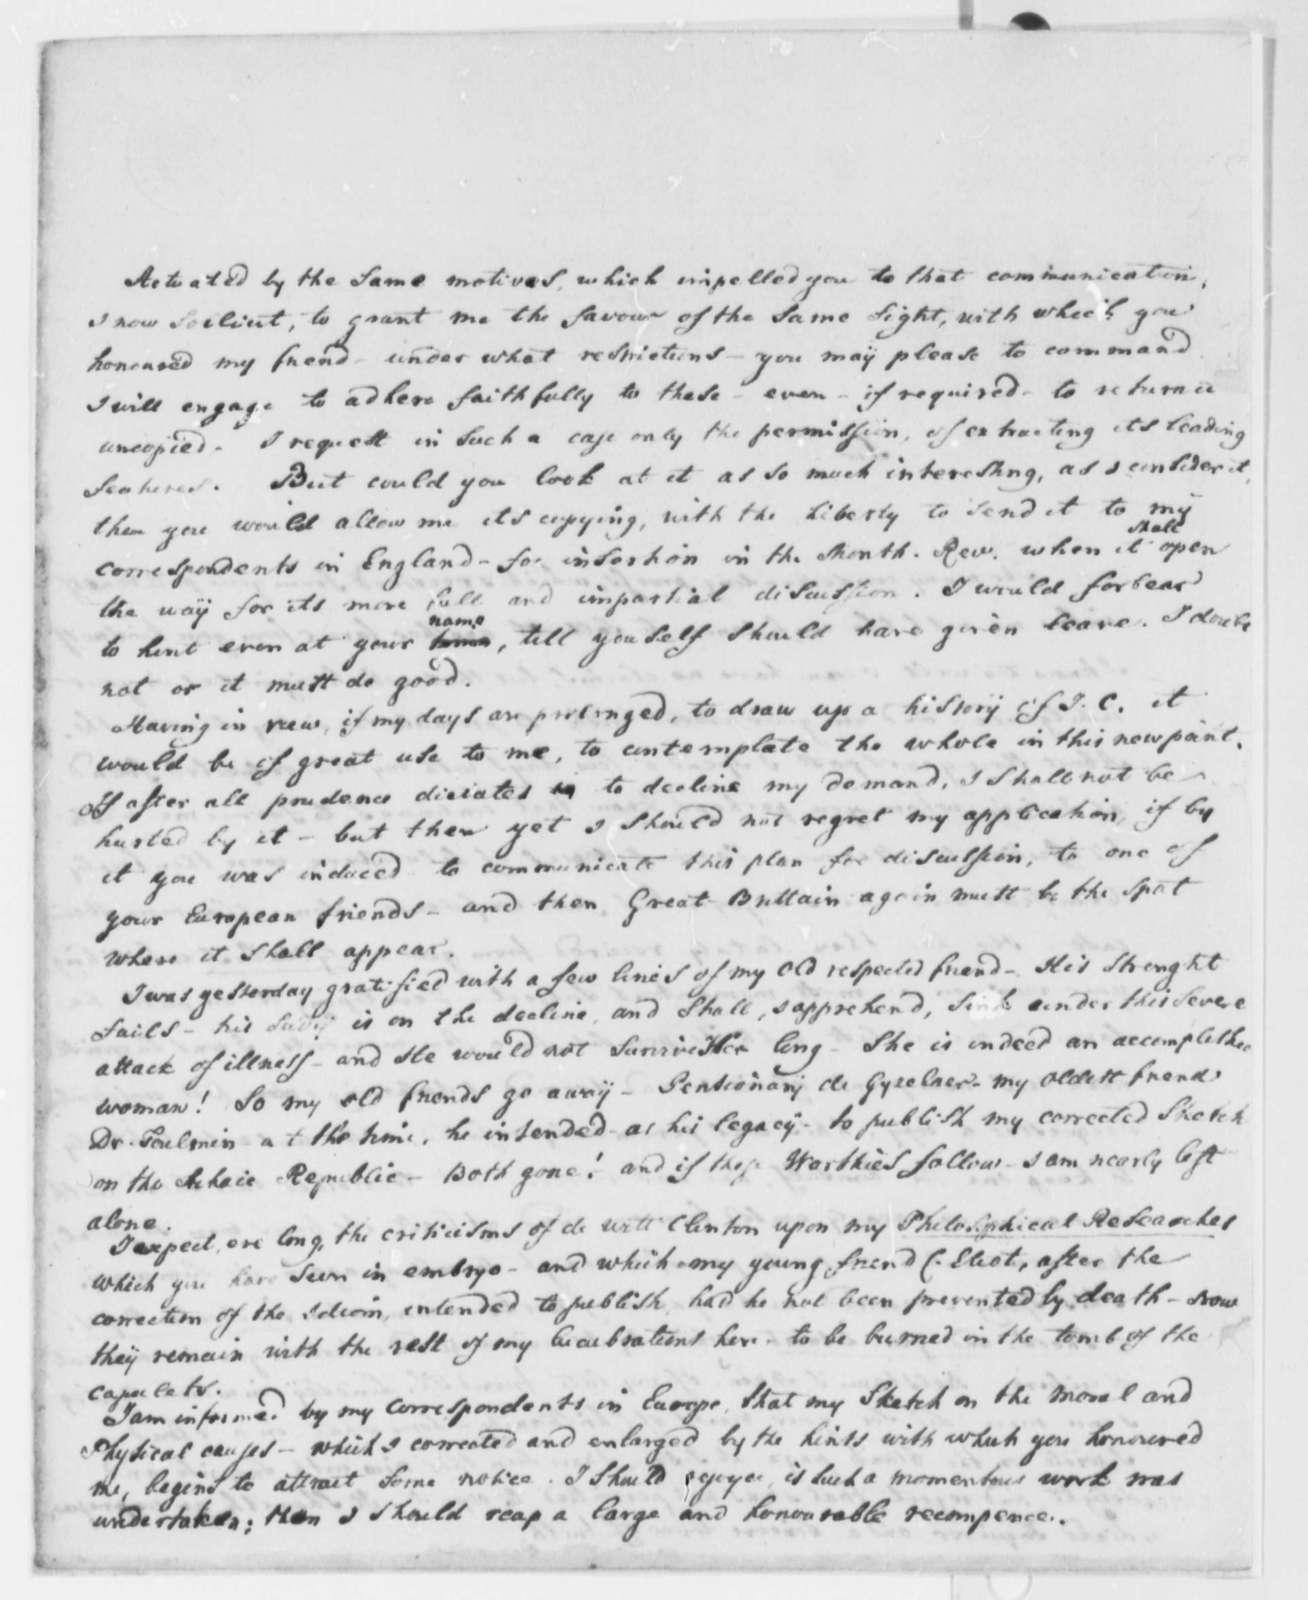 Francis A. van der Kemp to Thomas Jefferson, March 24, 1816